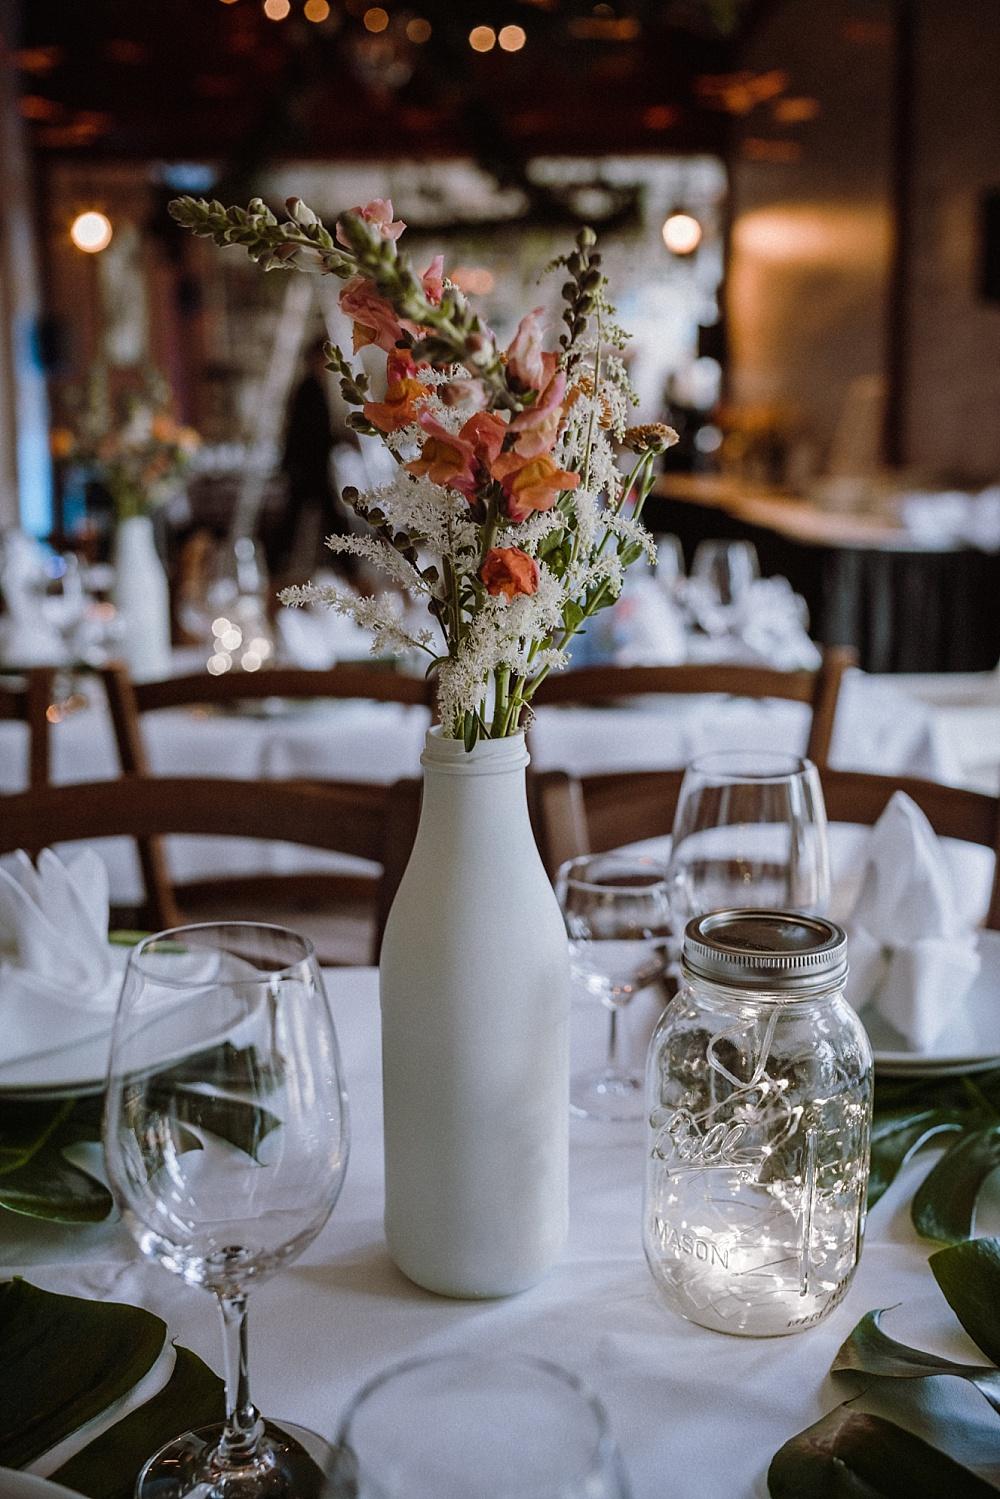 Flaschen als Vasen besprühen, DIY Upcycling Vasen aus Flaschen, Upcycling Vasen selber machen, Falschen selber besprühen